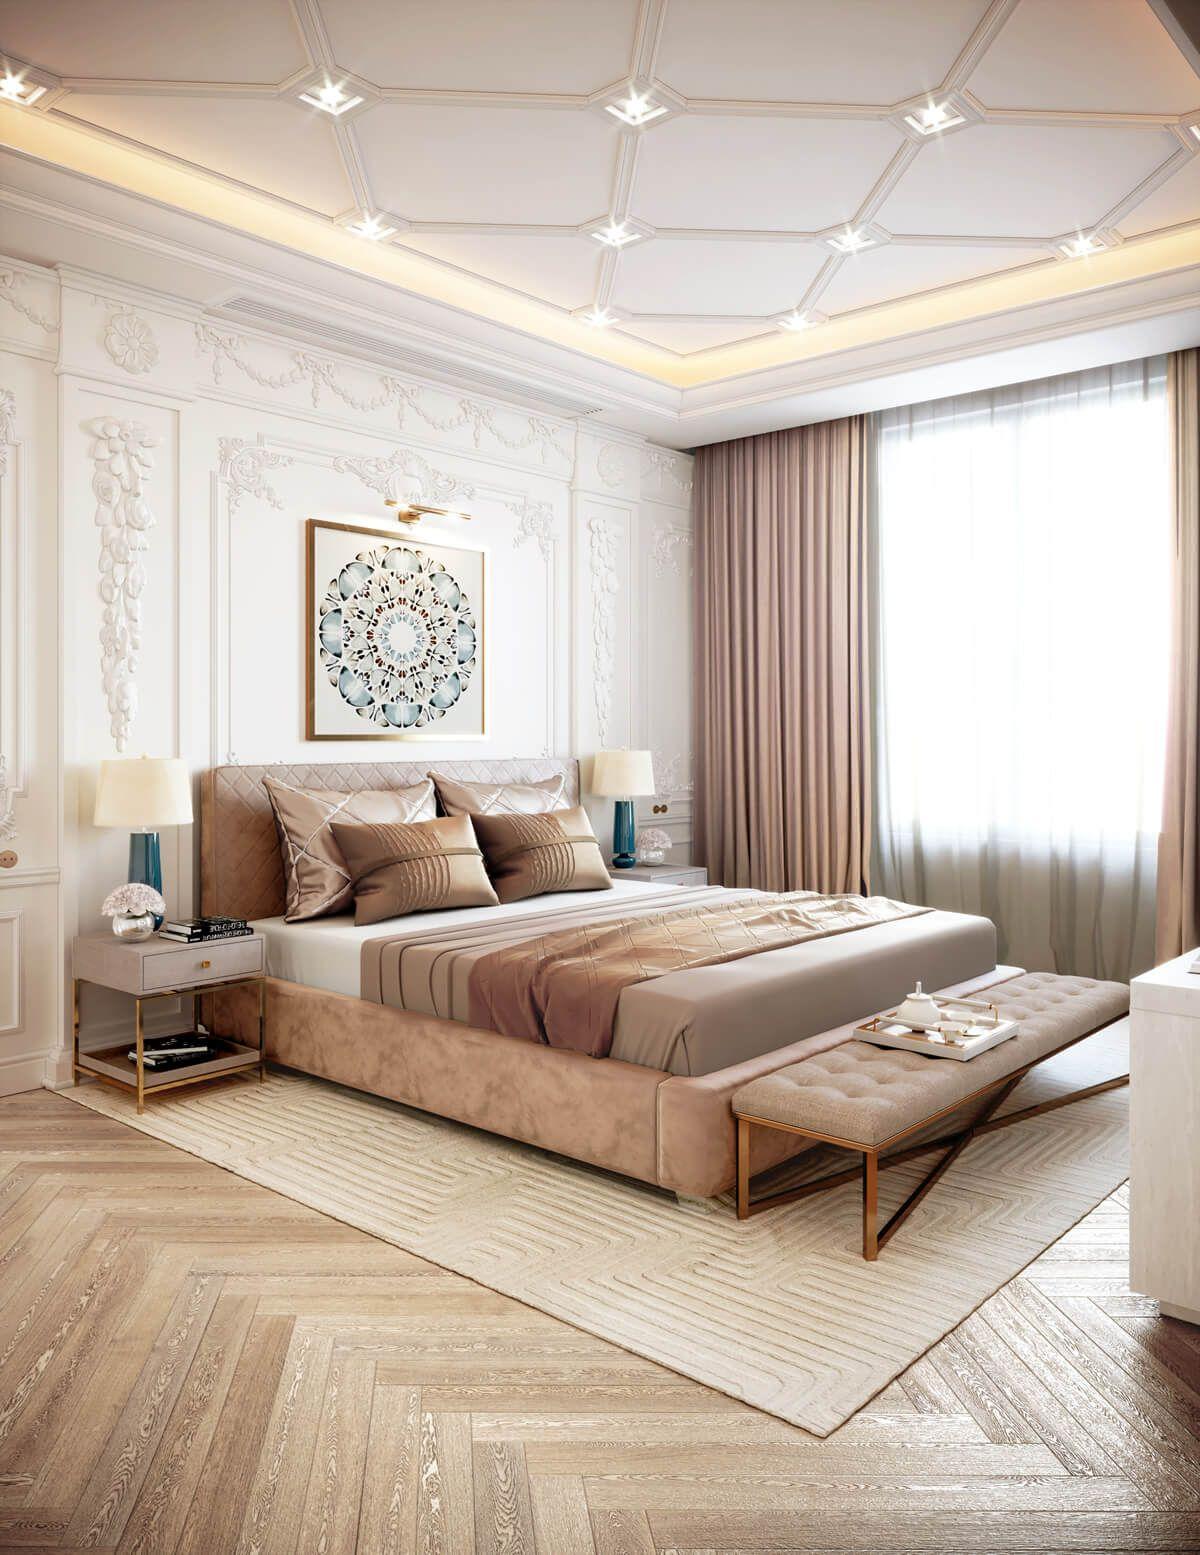 100 Bedroom Ceiling Design Ideas In 2021 Ceiling Design Ceiling Design Bedroom Bedroom False Ceiling Design